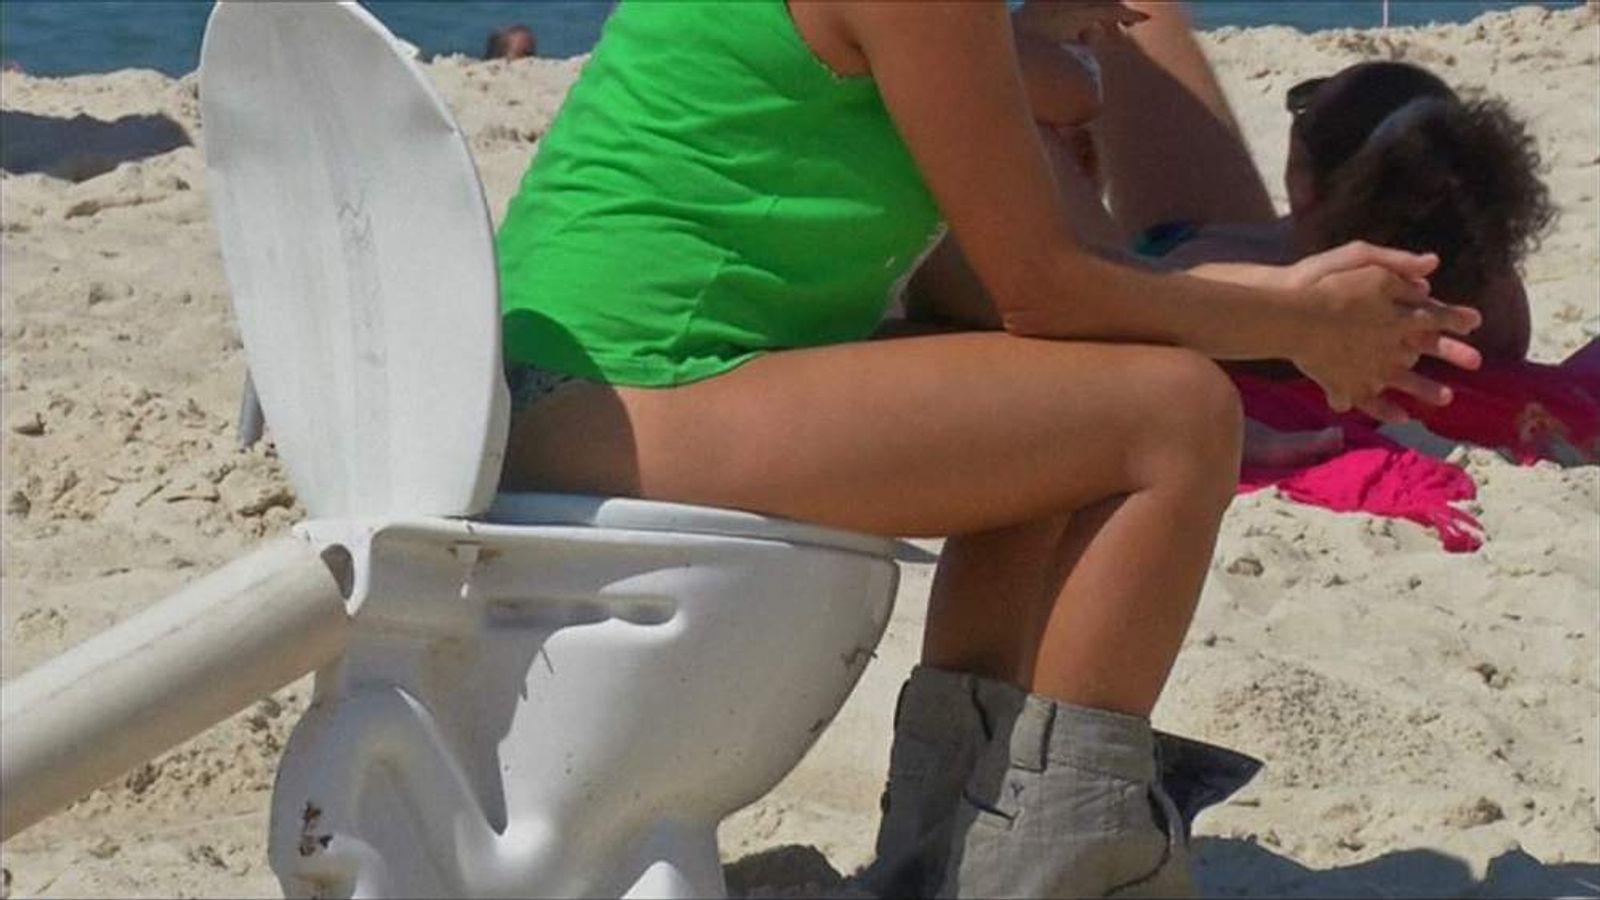 Rio toilet protest